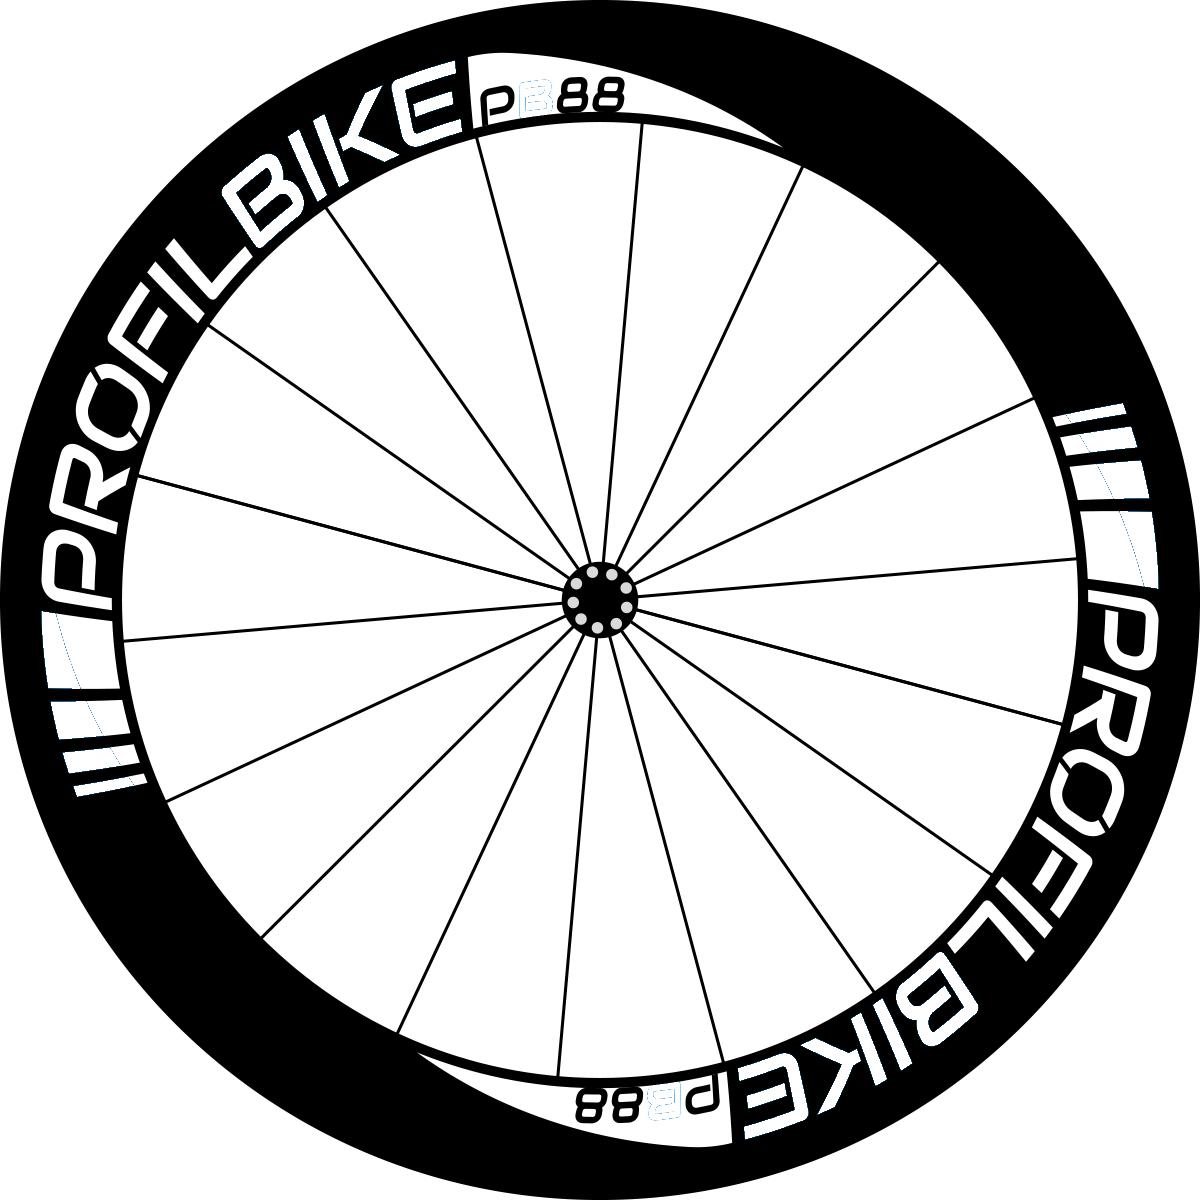 Profilbike PB88 CARBON design personnalisé